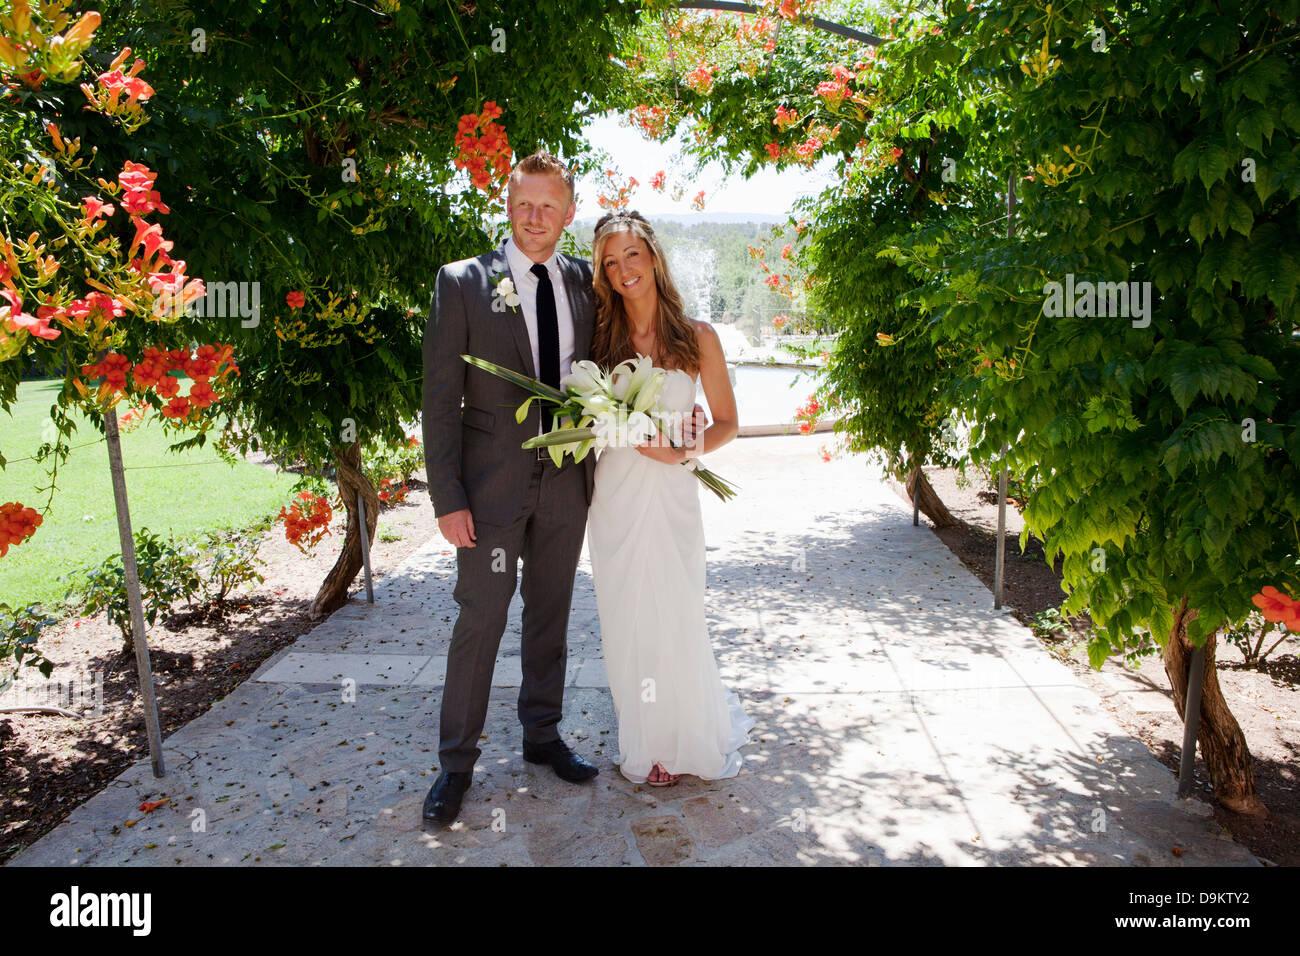 Porträt von Mitte Erwachsenen Braut und Bräutigam am Hochzeitstag Stockbild